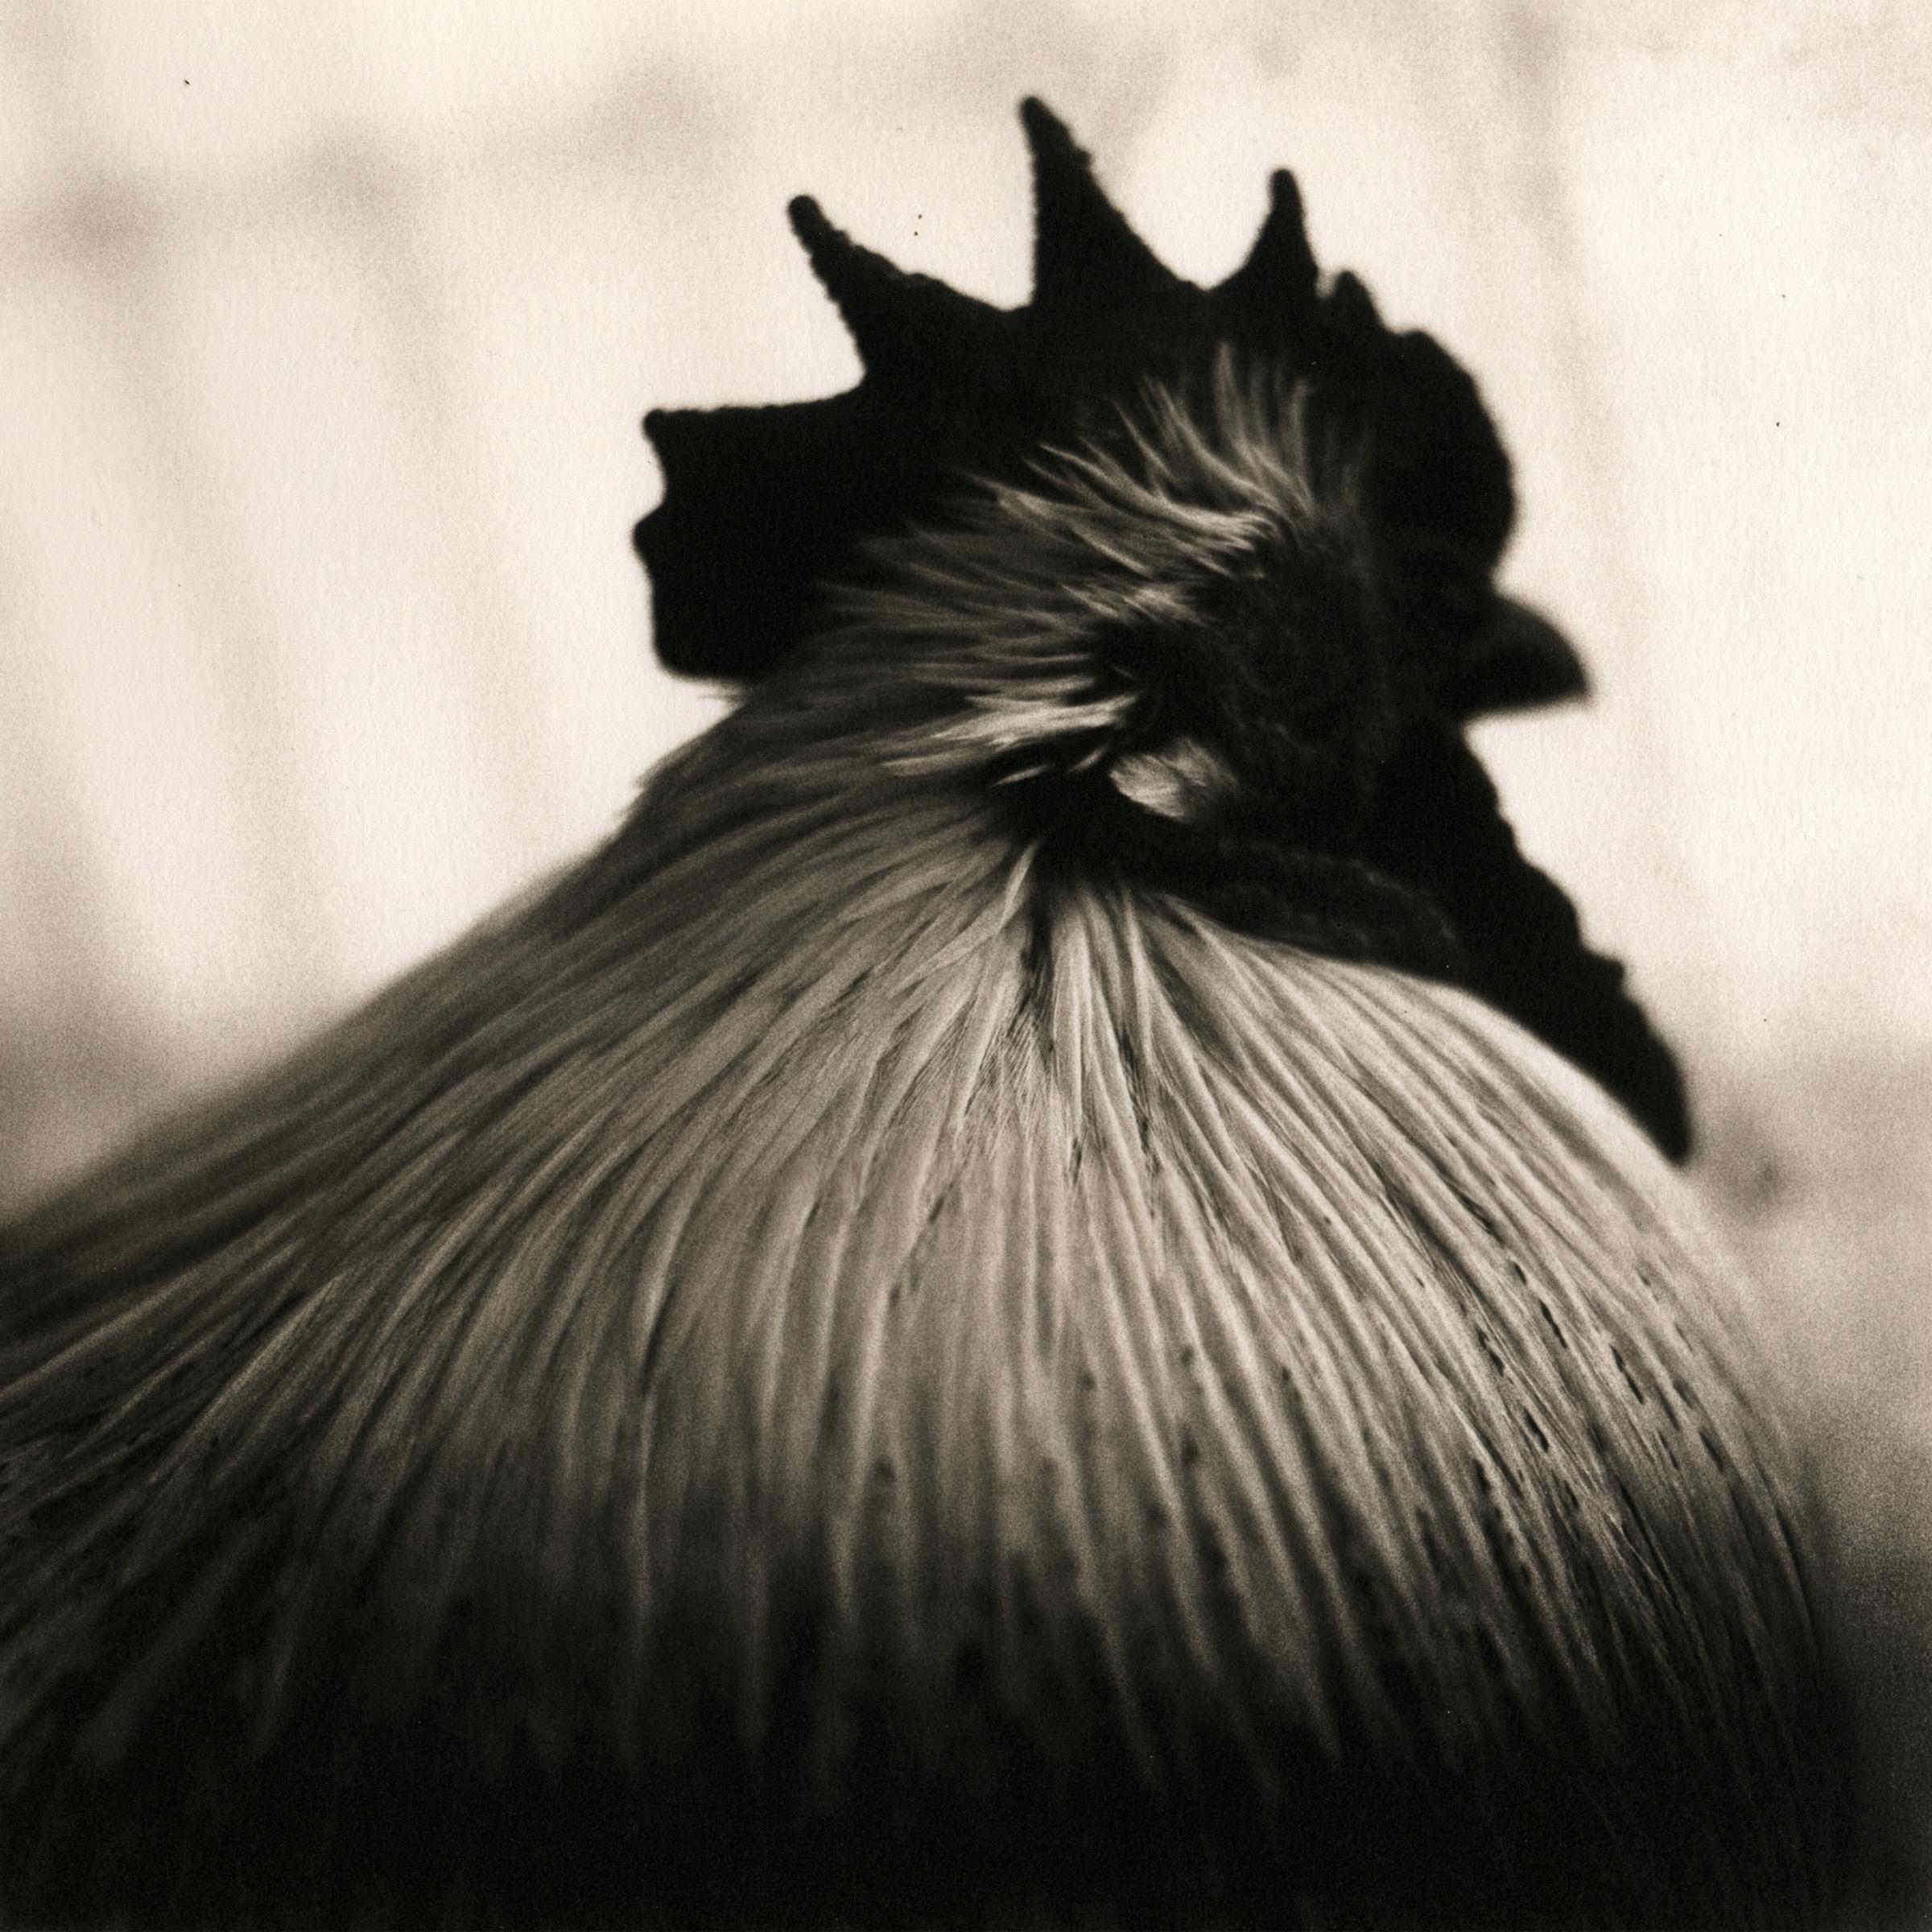 Rooster (El Duque), 2007